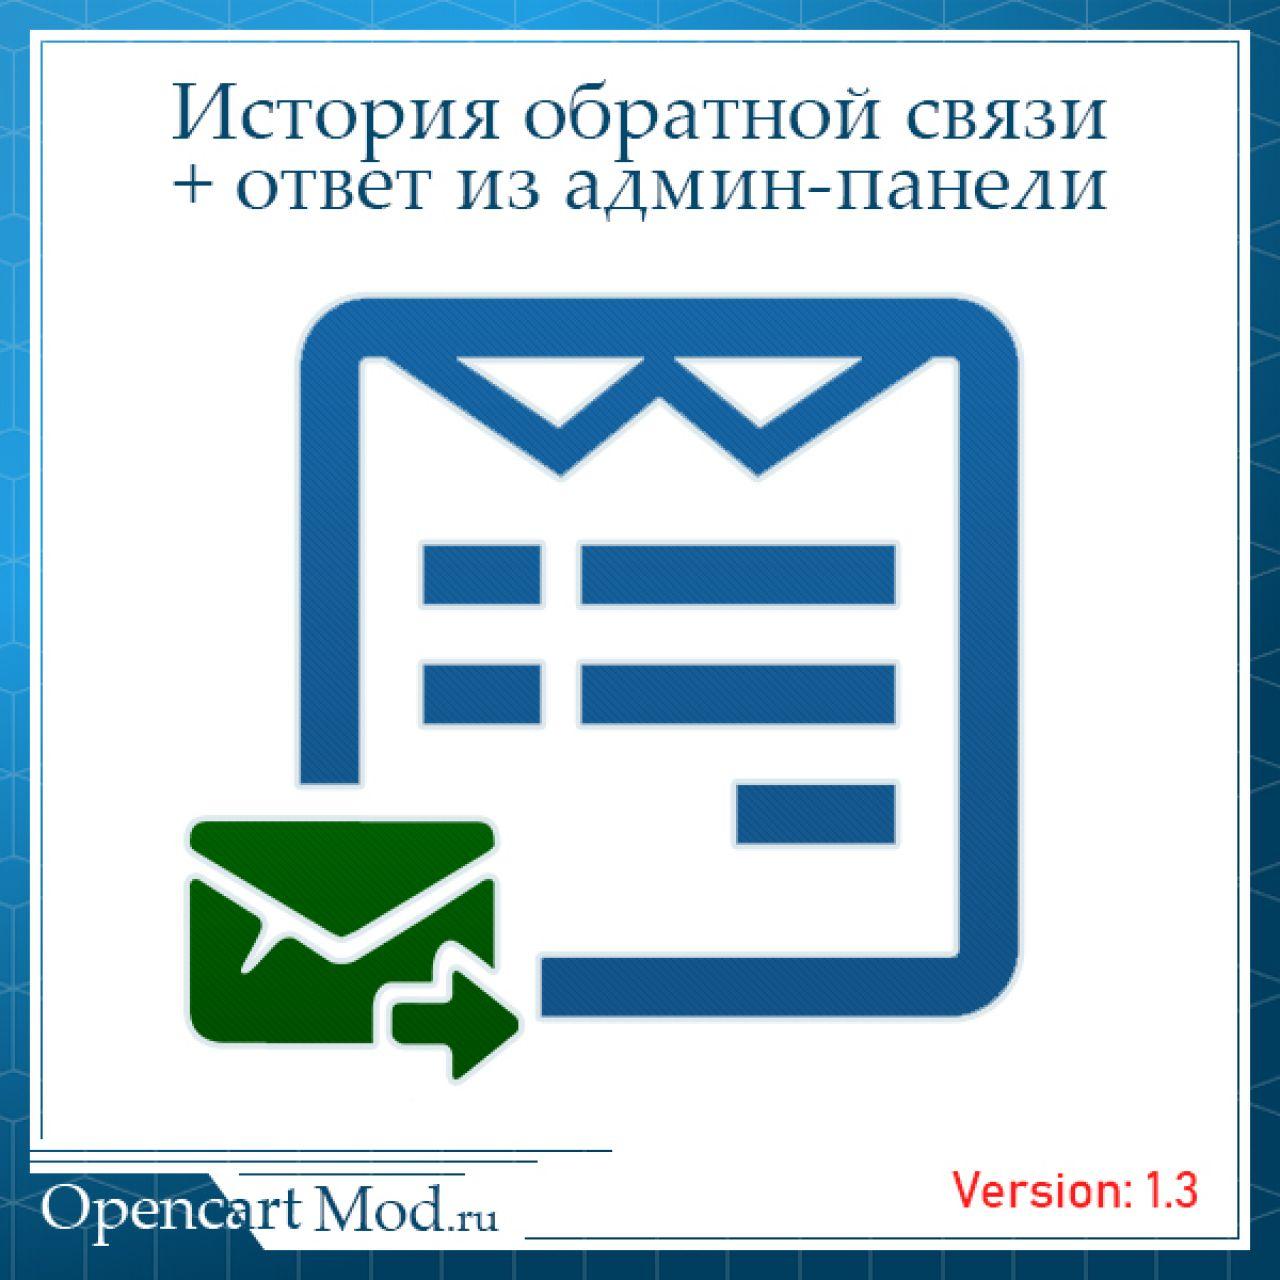 История обратной связи + ответ из админ-панели из категории Обратная связь для CMS OpenCart (ОпенКарт)